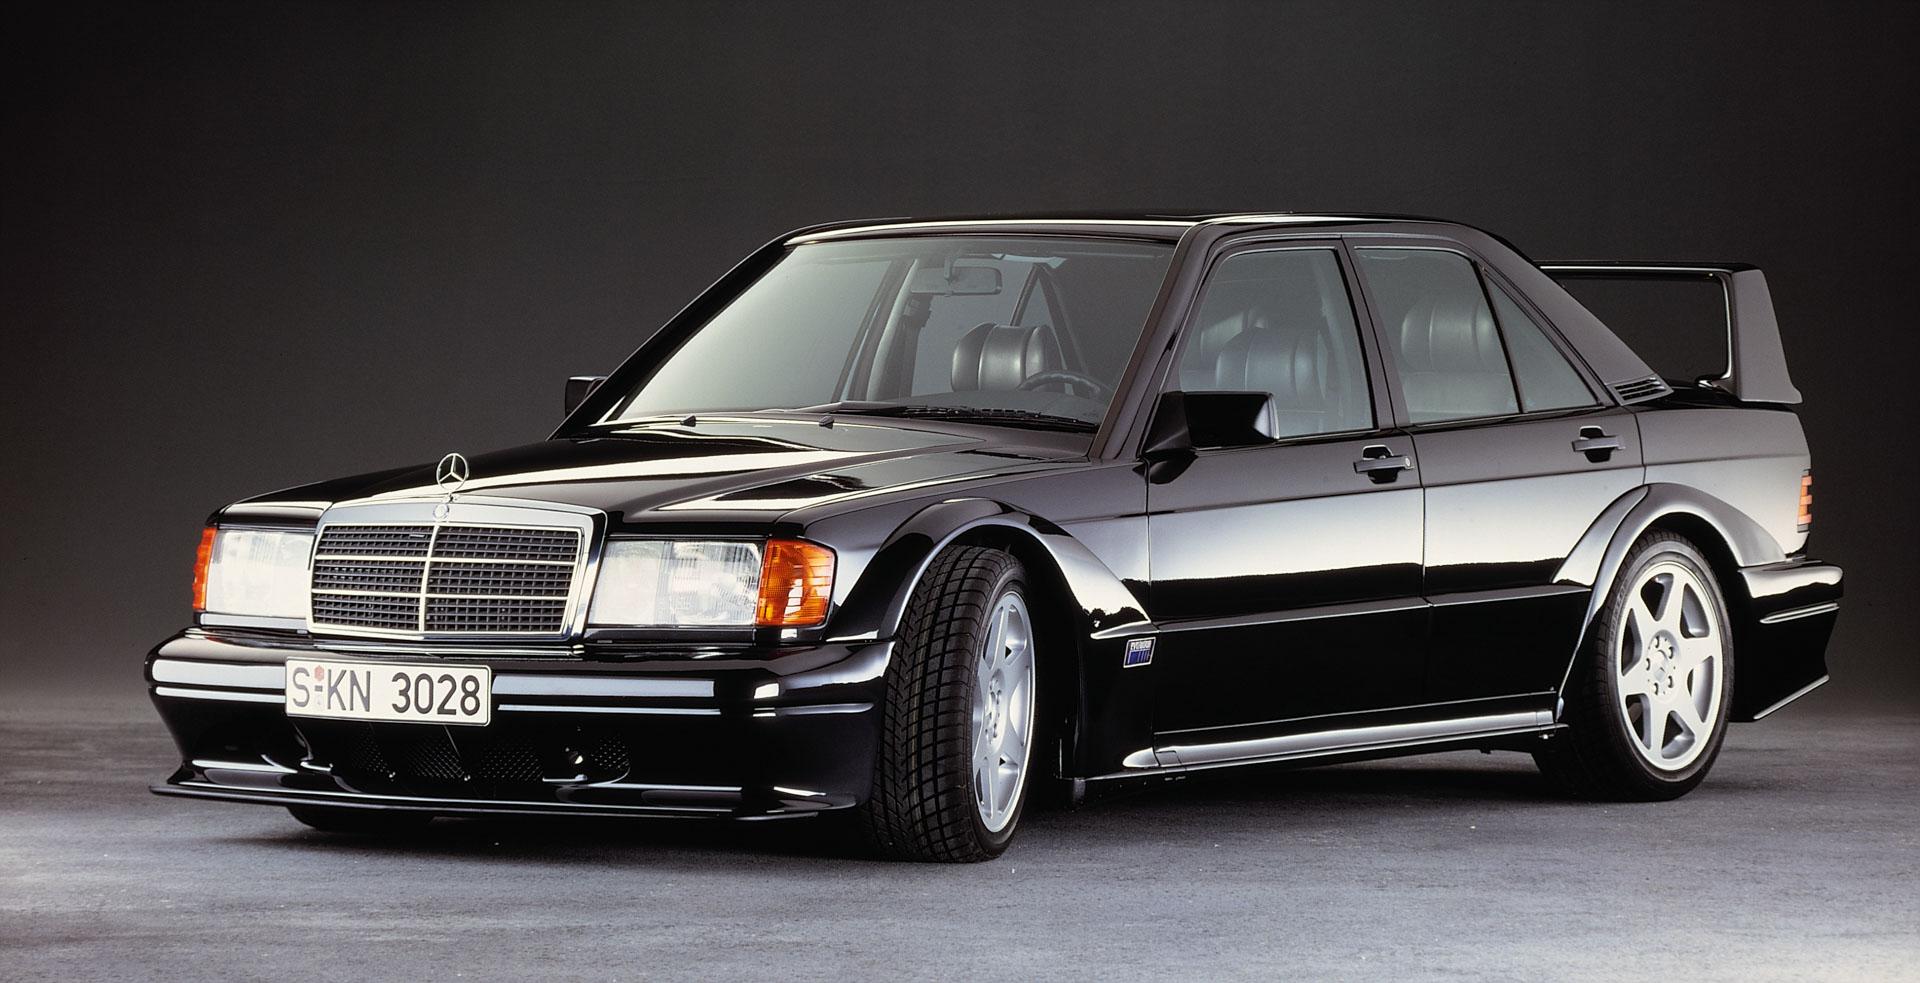 Mercedes-Benz 190 E 2.5-16 Evolution II (W 201). Das Hochleistungsfahrzeug wird 1990 in einer auf 500 Stück limitierten Auflage als Homologationsmodell für den Motorsport gefertigt.